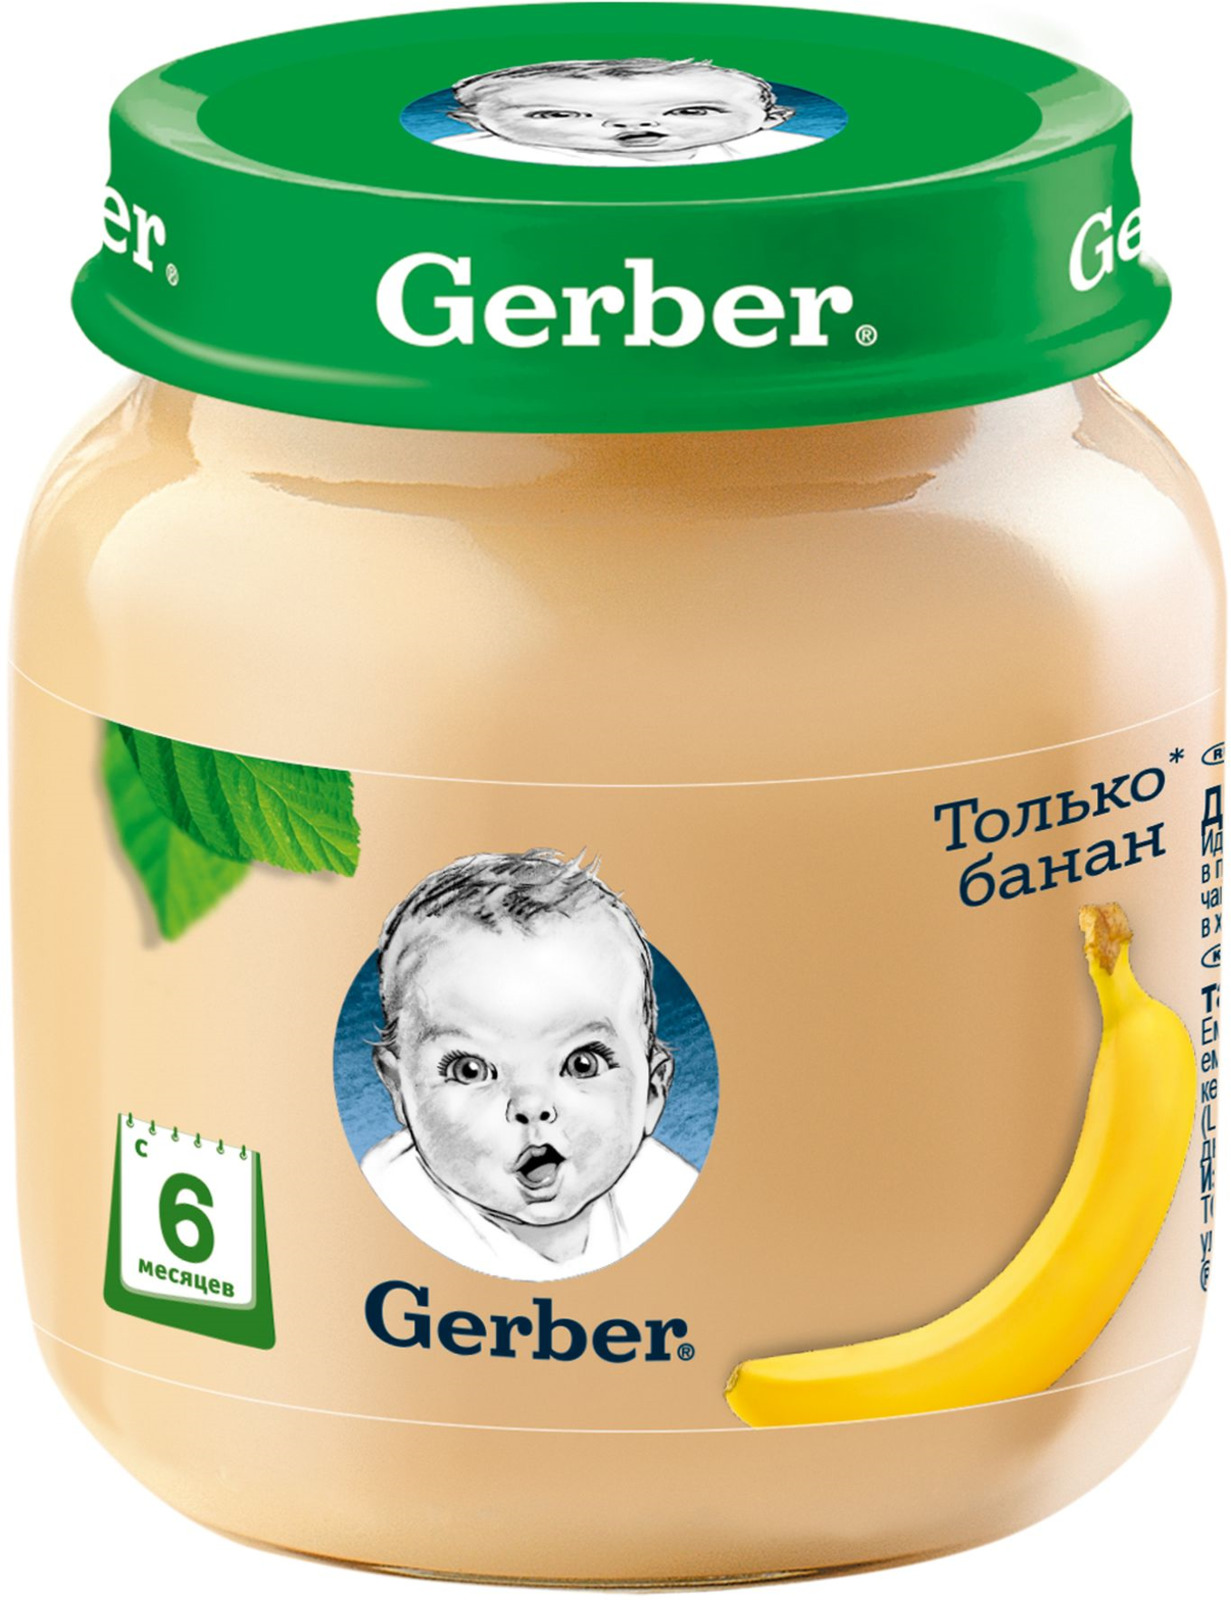 Gerber пюре банан с 6 месяцев, 130 г gerber пюре картофель кабачок с 5 месяцев 12 шт по 130 г